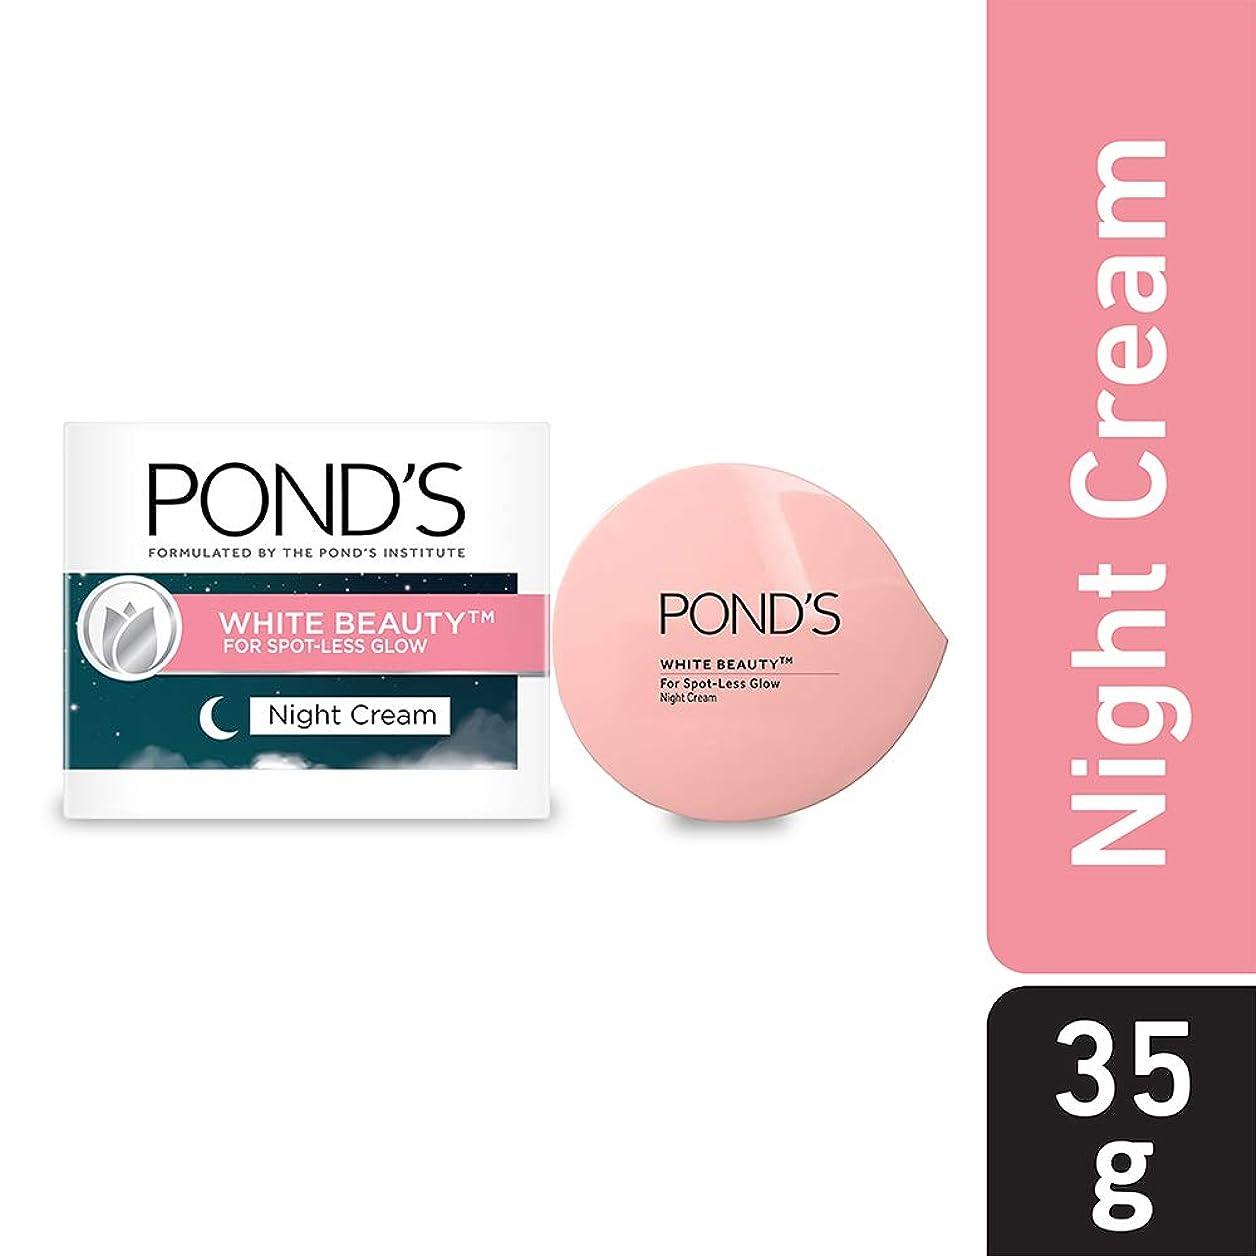 開発案件失われたPOND'S White Beauty Night Cream, 35 g - India (並行インポート)